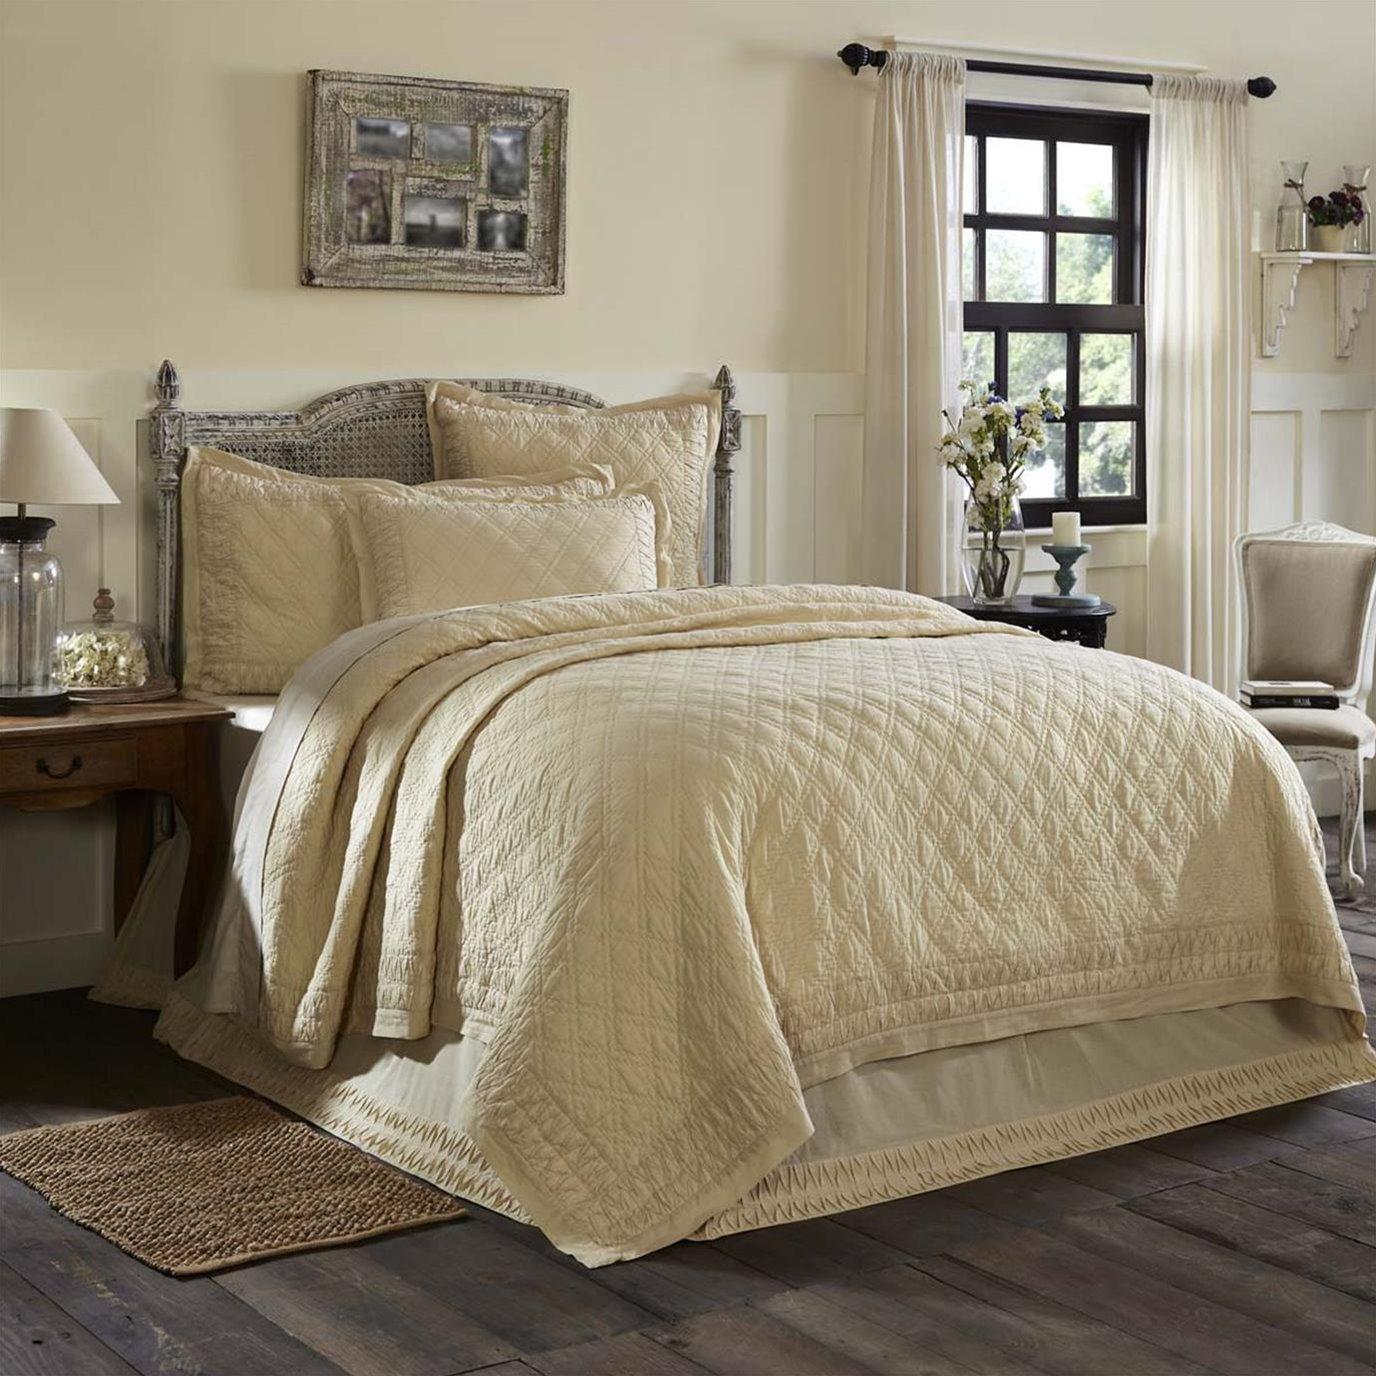 Adelia Creme King Quilt 105Wx95L